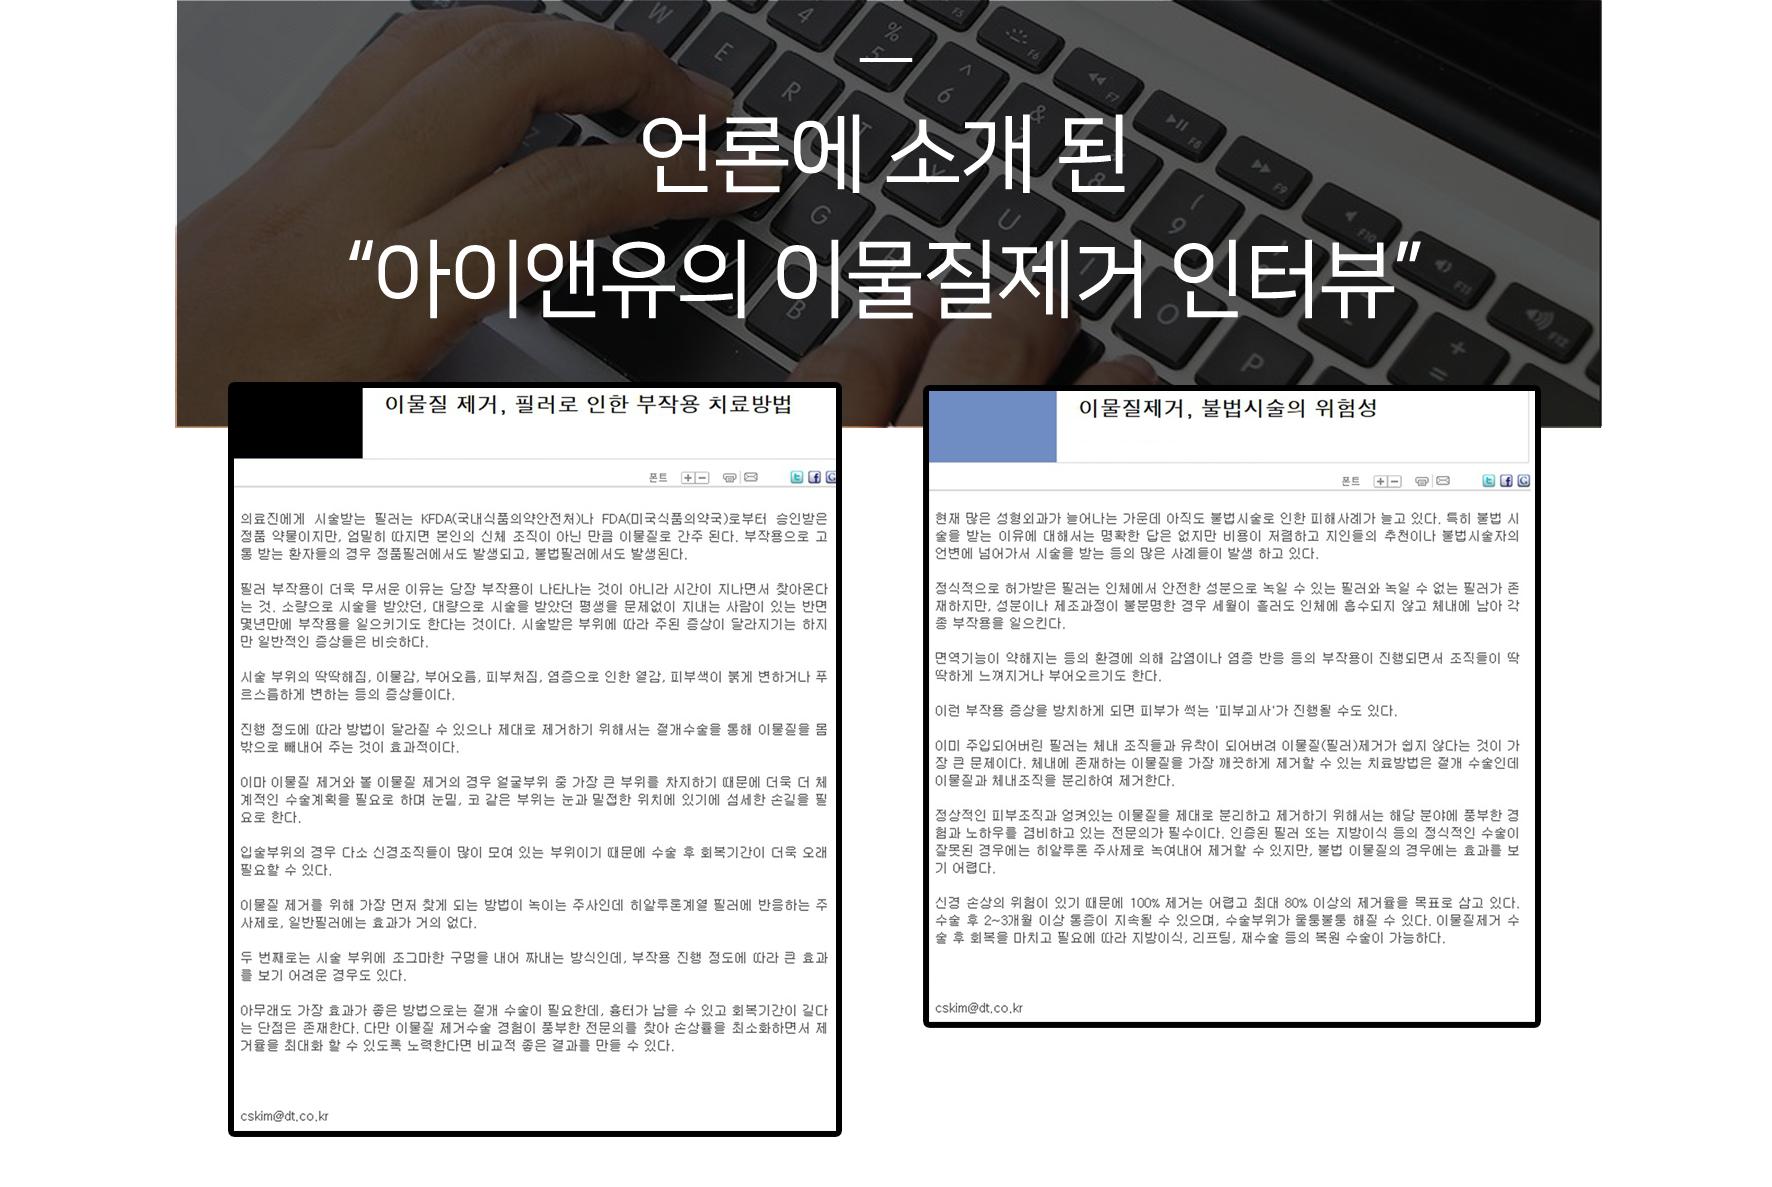 아이앤유성형외과, 이물질제거 언론인터뷰